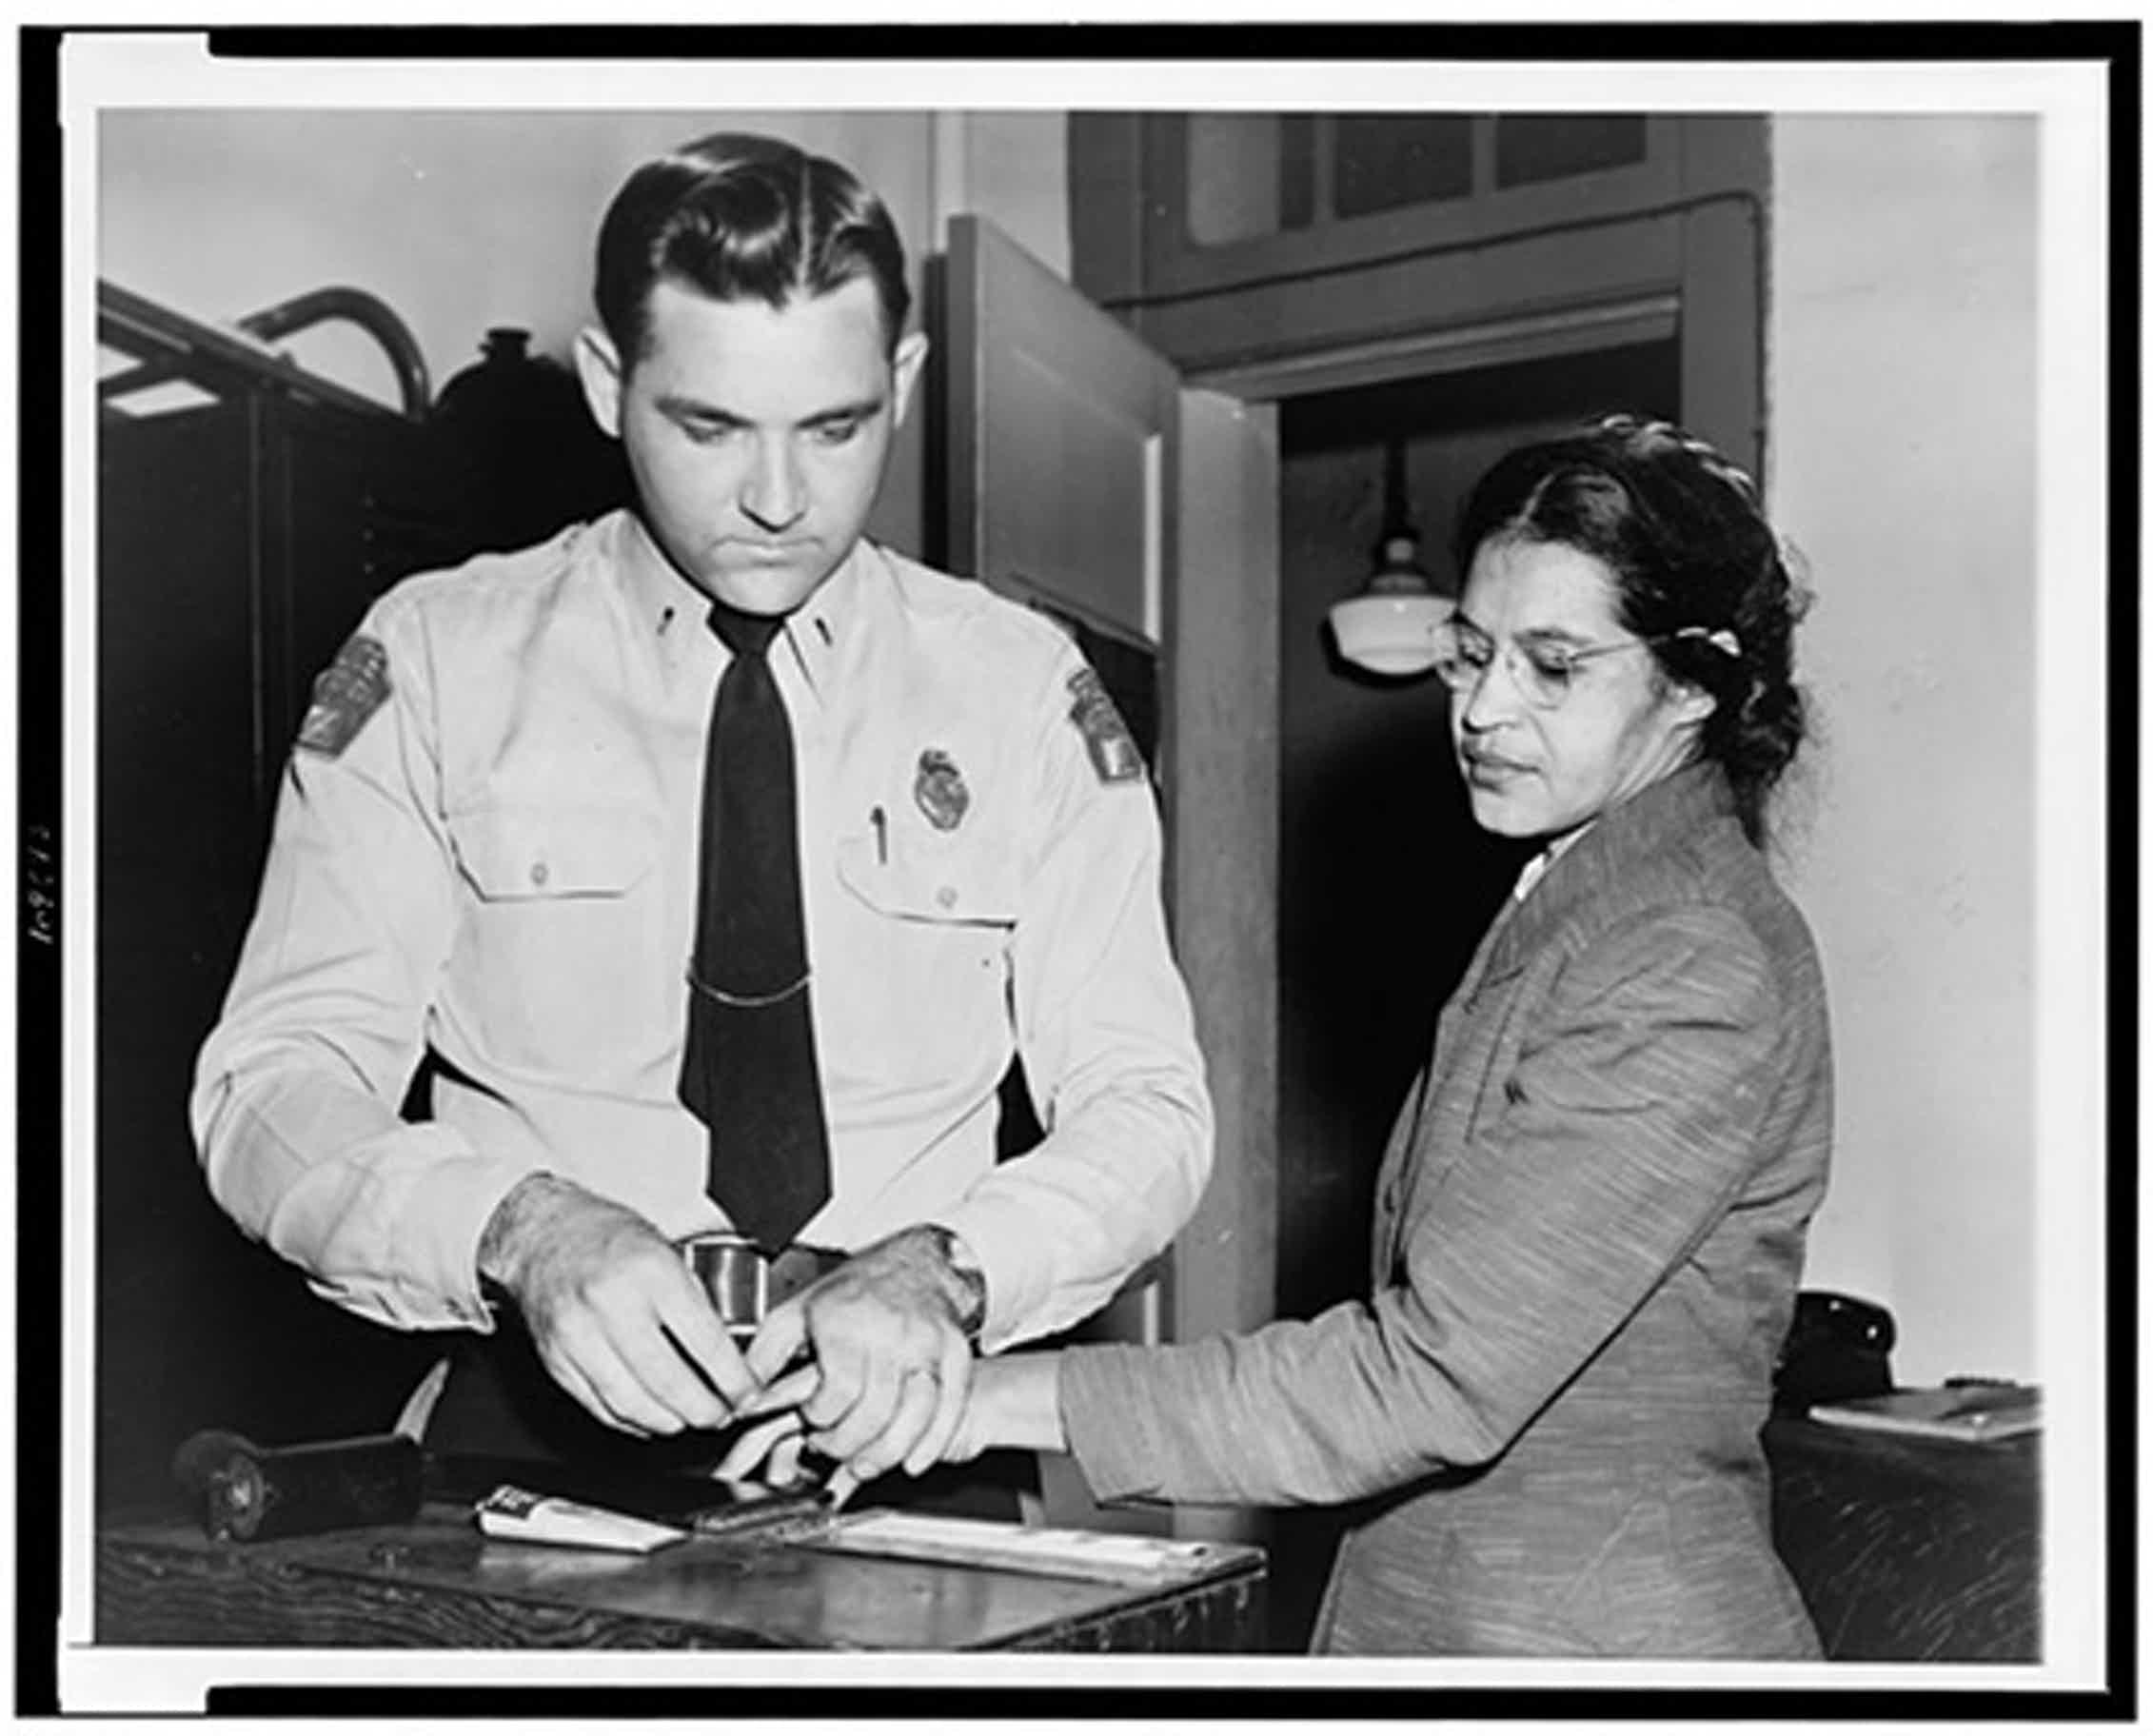 Un policía toma las huellas a Rosa Parks al ser detenida tras su negativa a trasladarse a la parte trasera de un autobús en Montgomery, Alabama, en 1956.Library of Congress